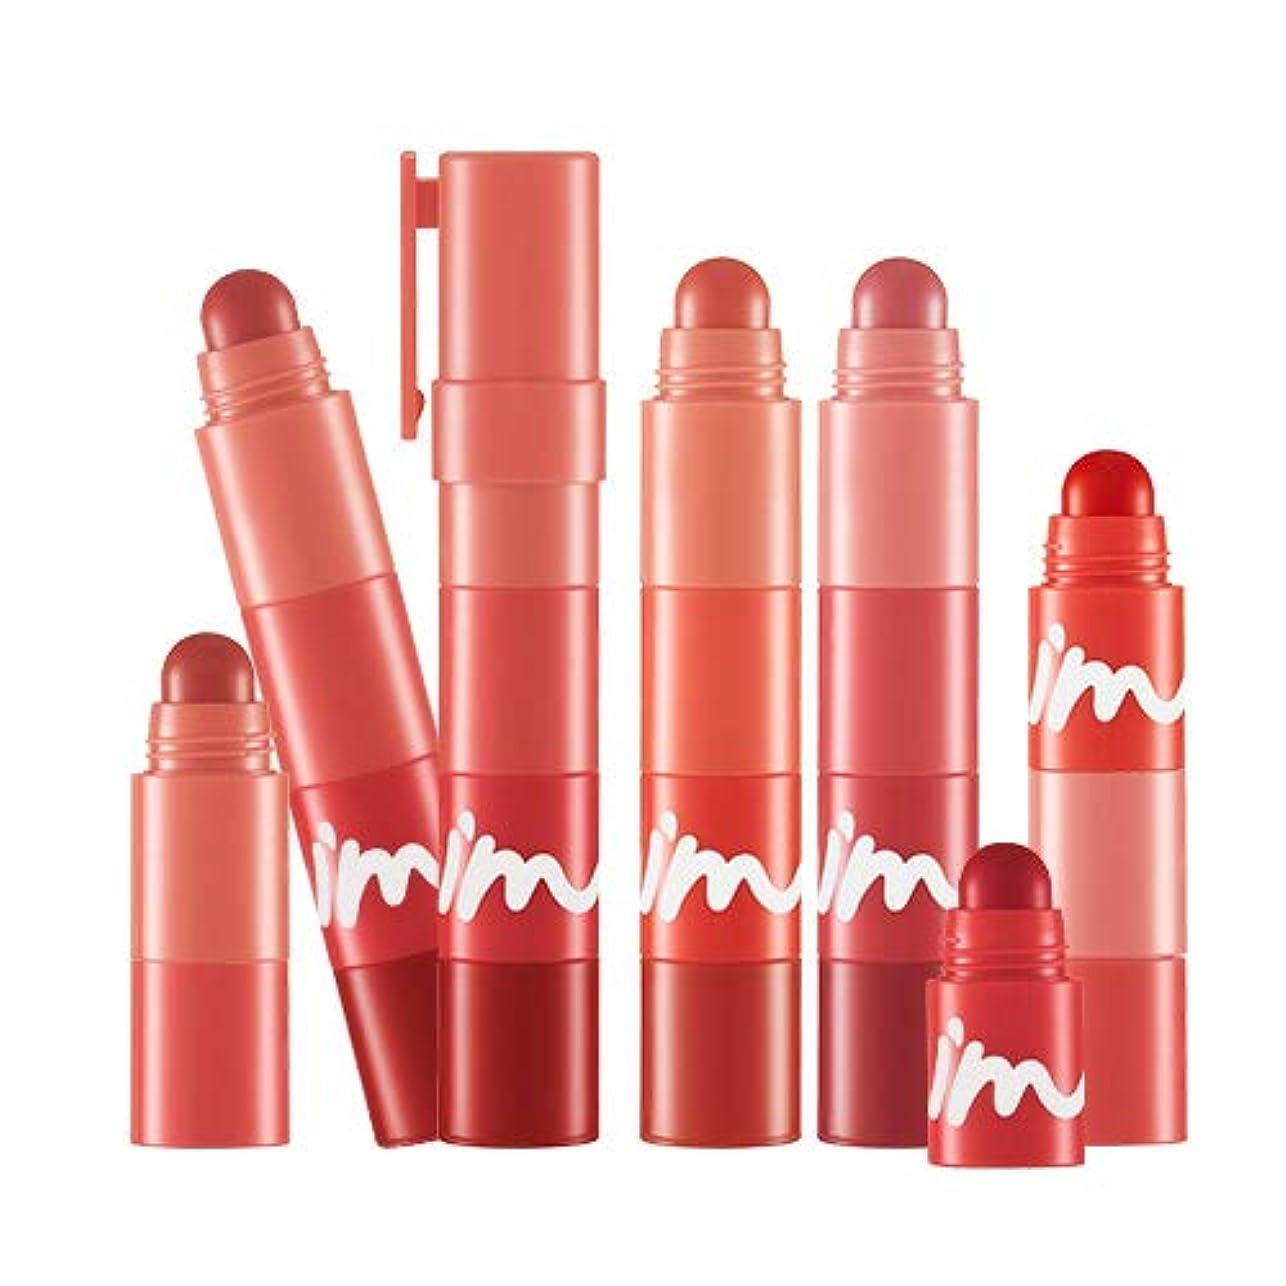 なめる細胞略奪I'M MEME マルチリップクリヨン - マット MULTI LIP CRAYON MATTE - MATTE (#001 Red On My Lips) [並行輸入品]